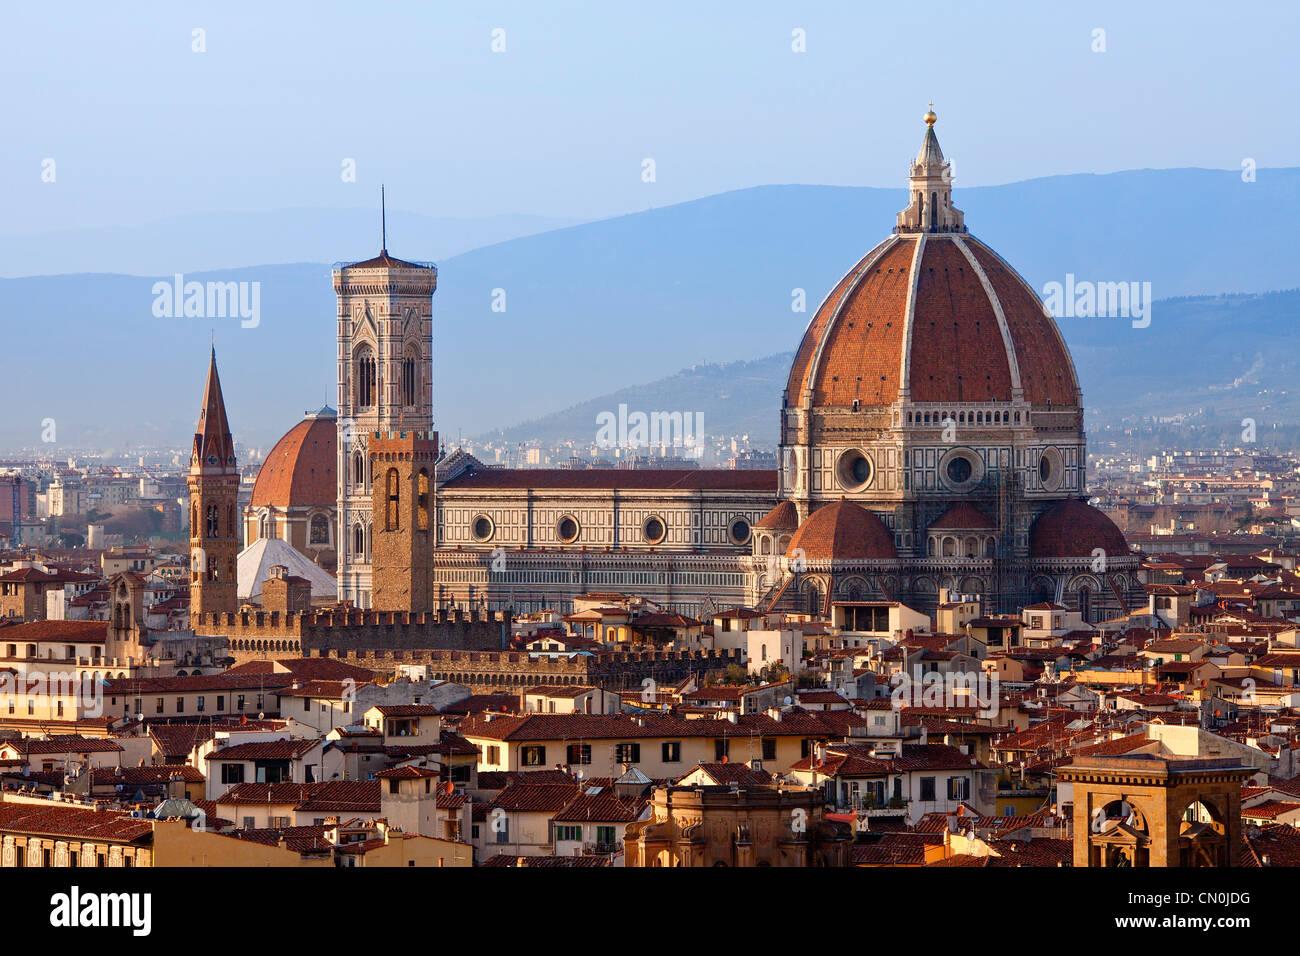 Florence, Duomo Santa Maria del Fiore - Stock Image